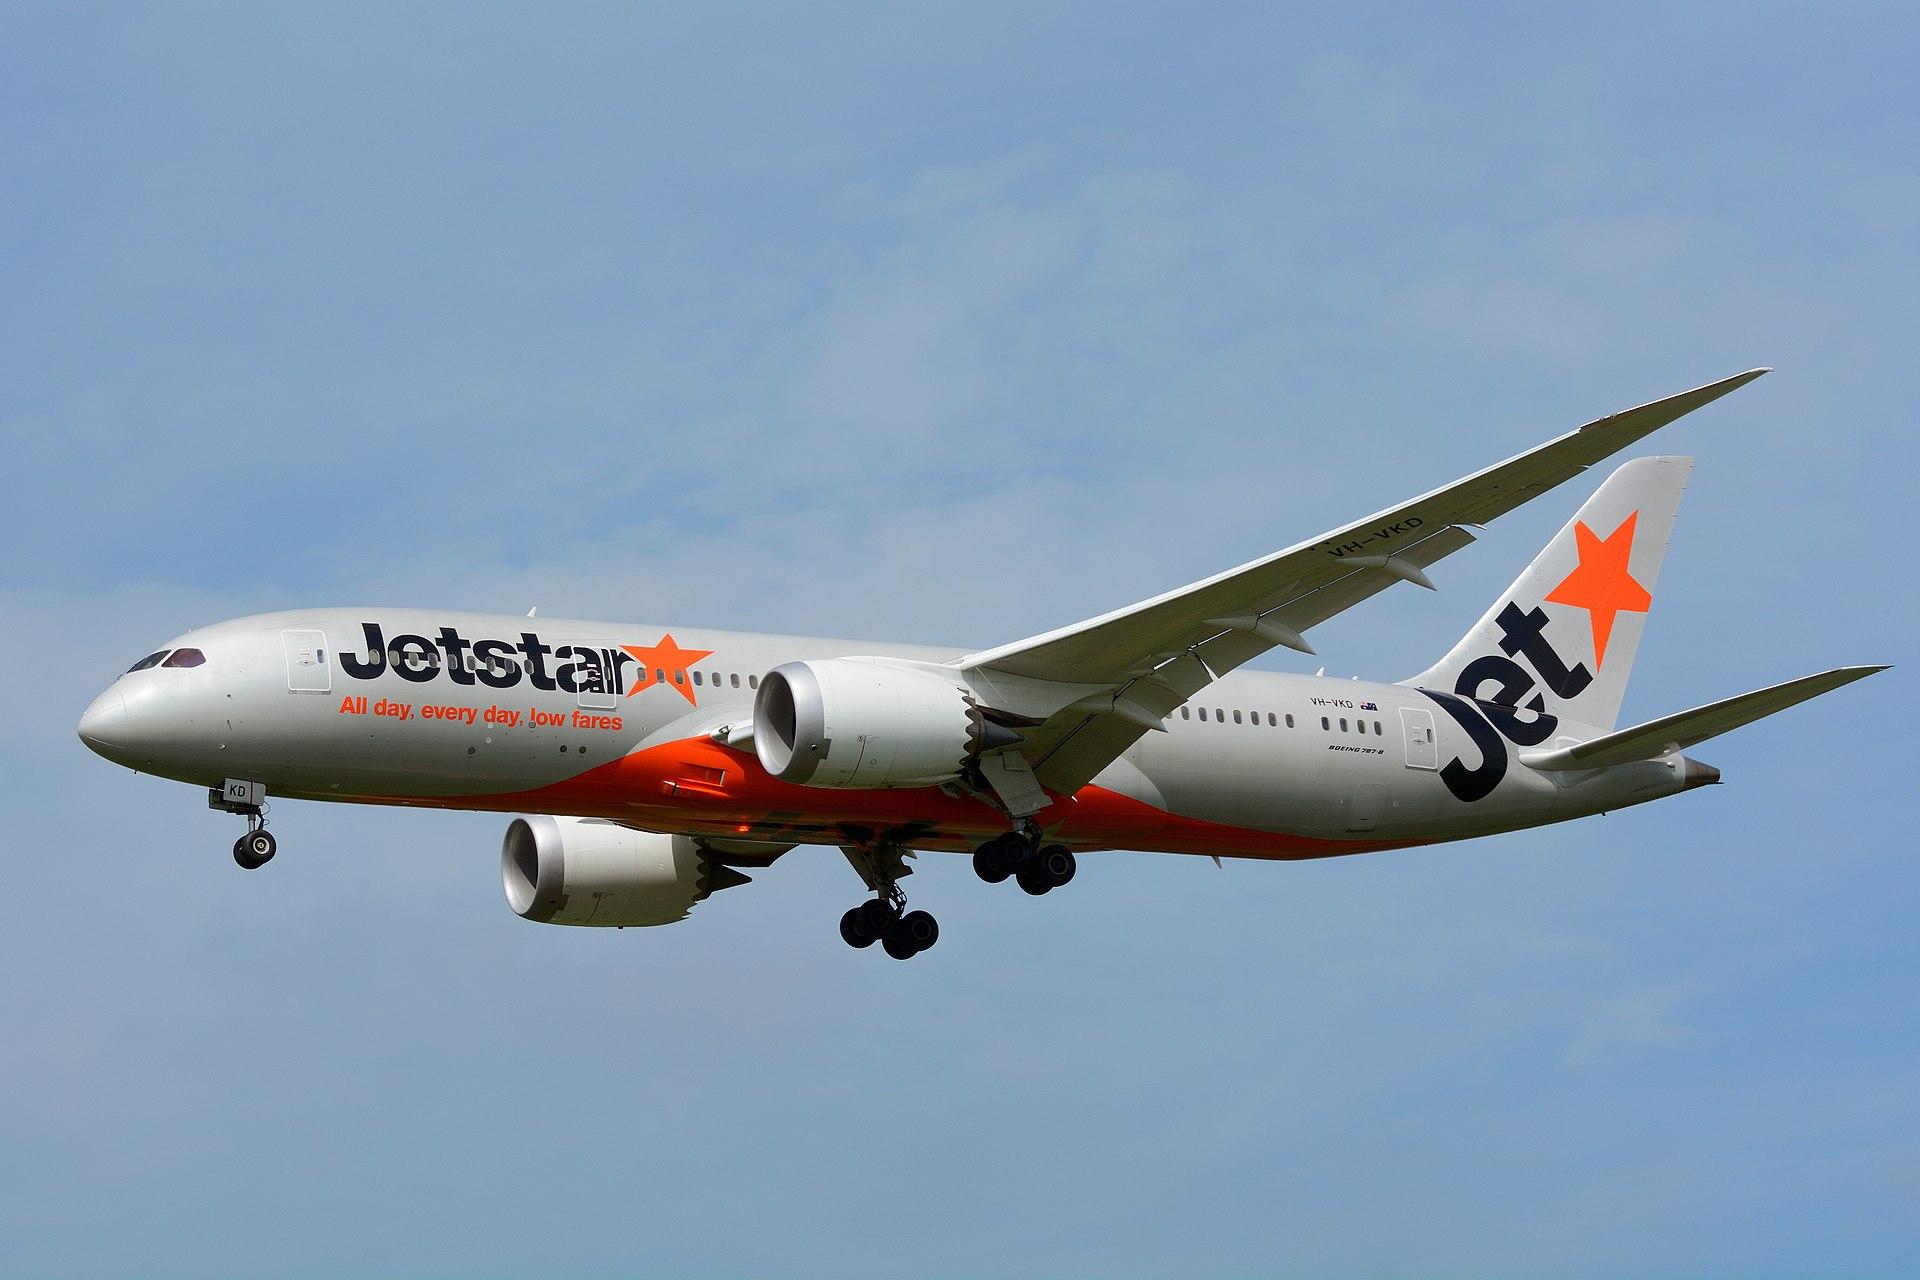 Jetstar Airways – Wikipedia